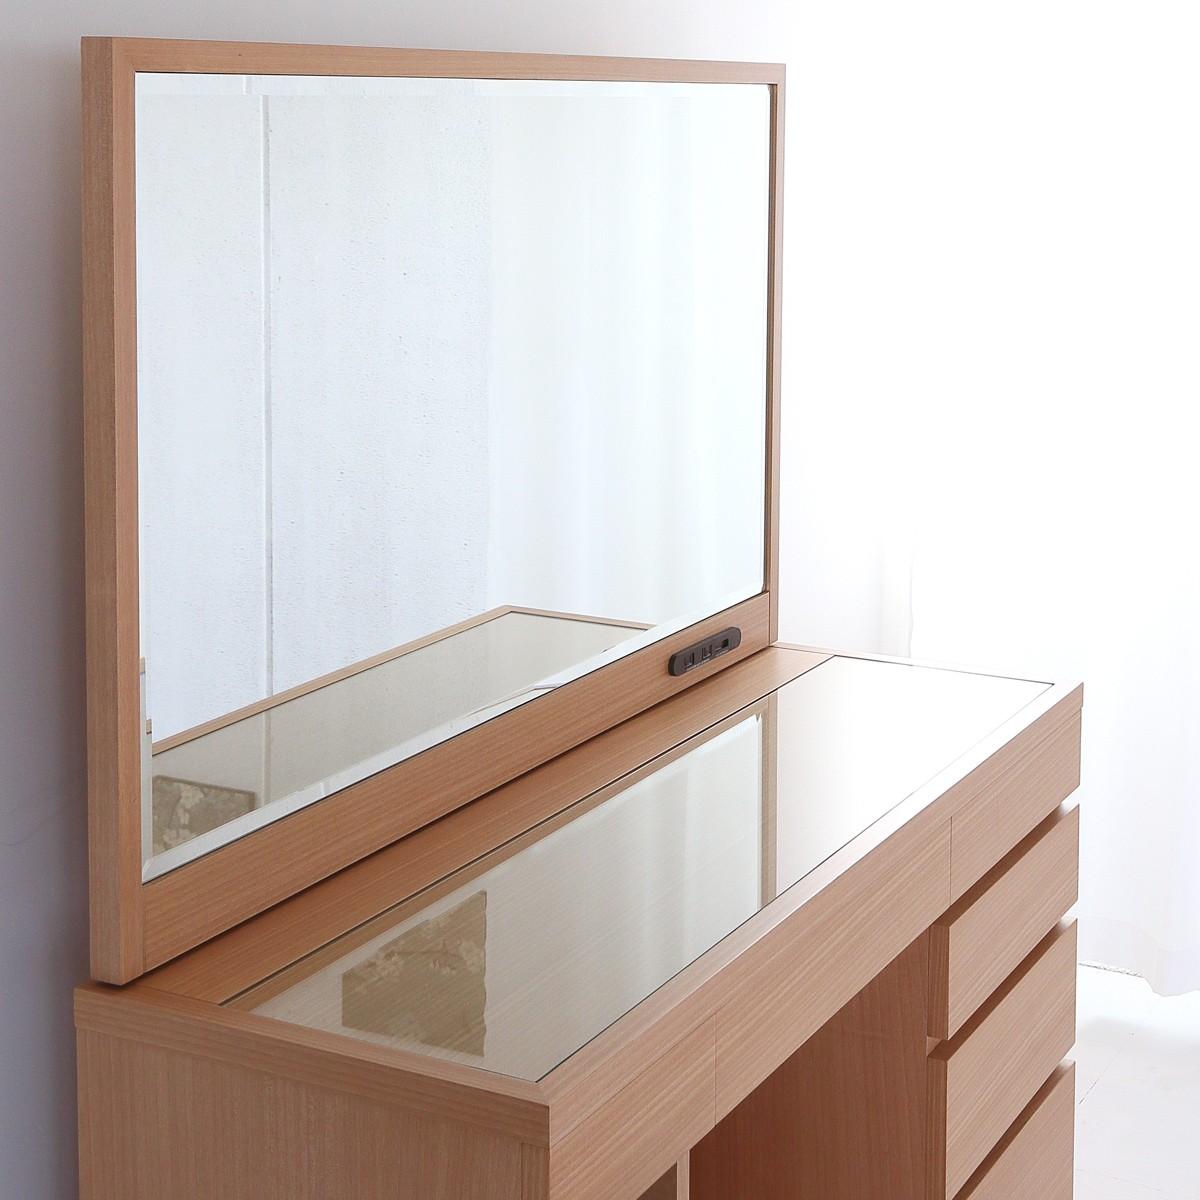 一面鏡の高級ドレッサー、高級家具職人